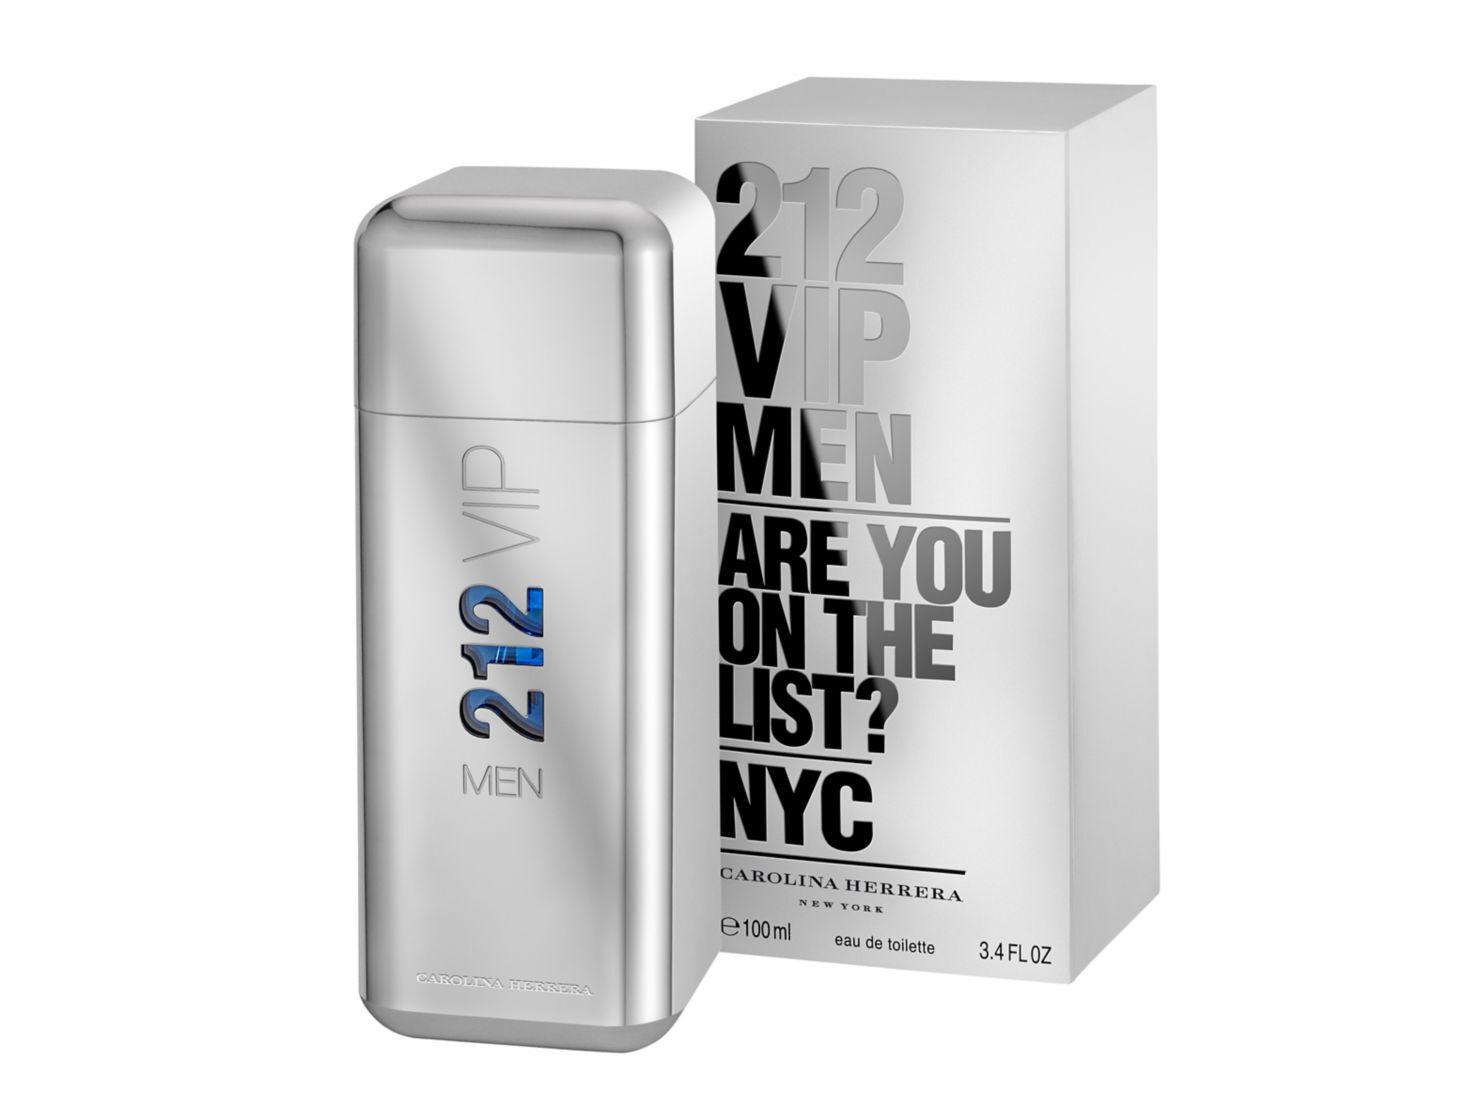 Edt Herrera Carolina Ml Perfumes 212 En 100 Vip Perfume Hombre Men rhtsdQ